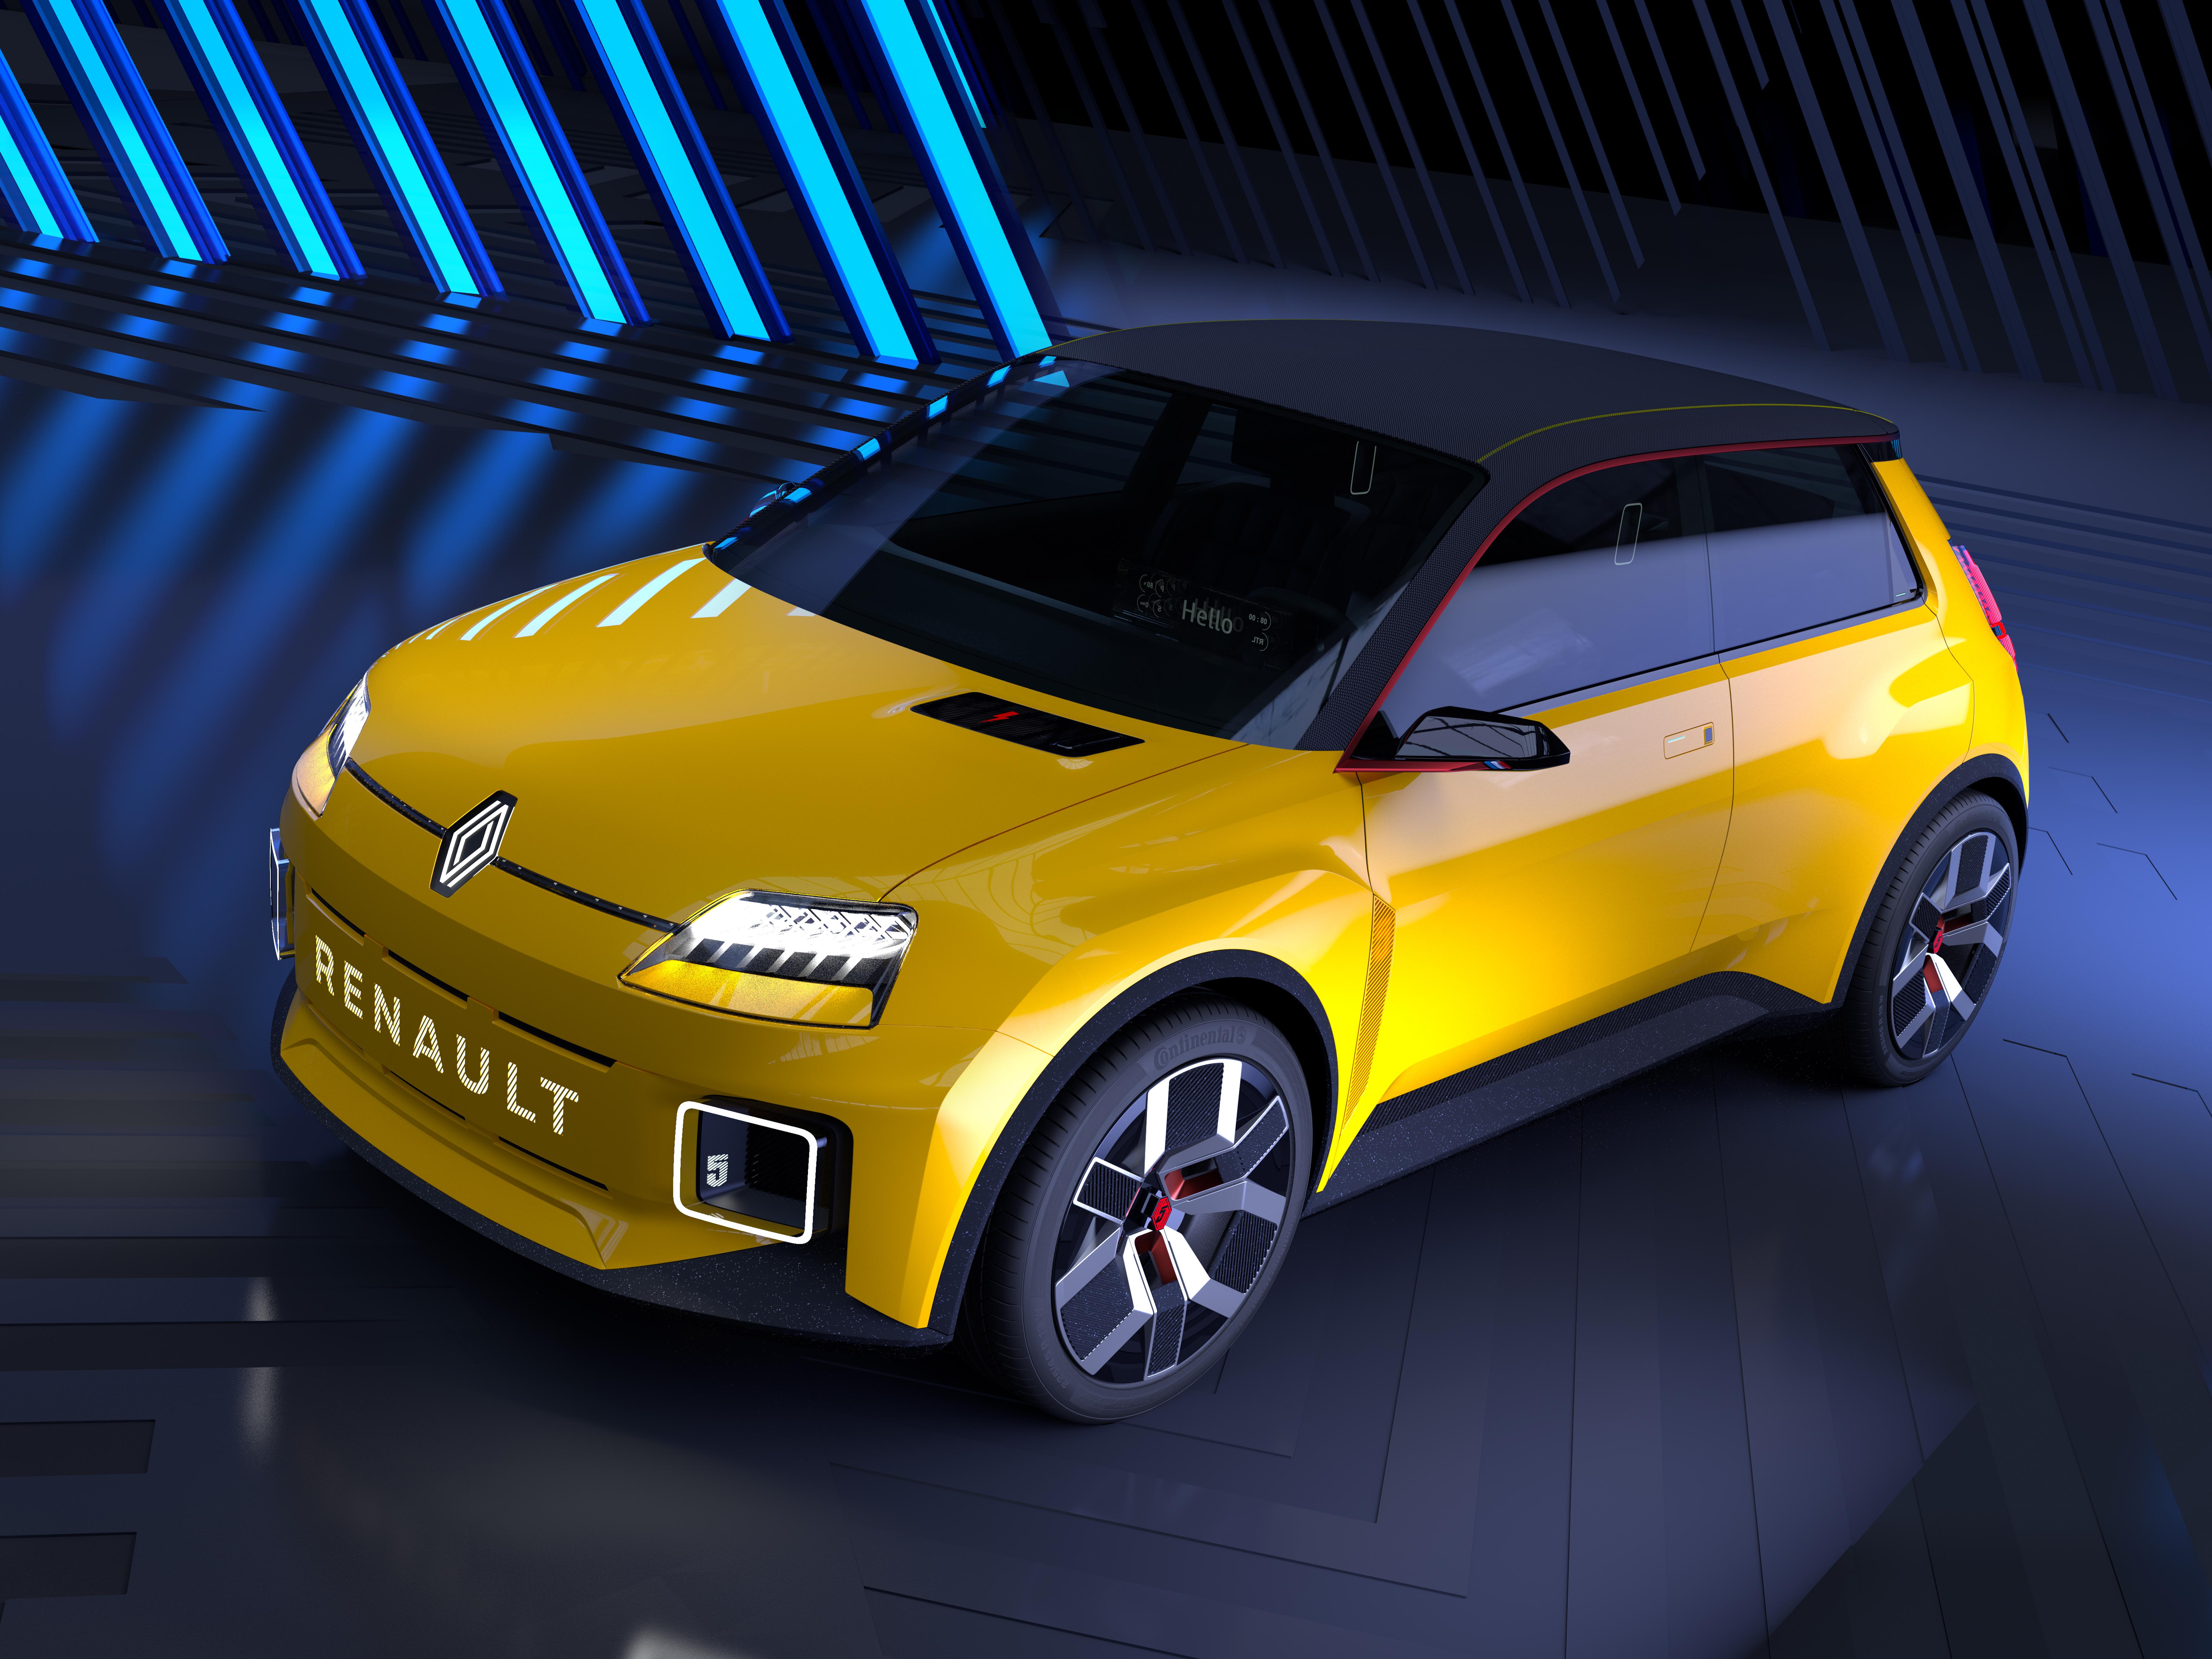 2021 renault 5 prototype 4k 1614632480 - 2021 Renault 5 Prototype 4k - 2021 Renault 5 Prototype 4k wallpapers